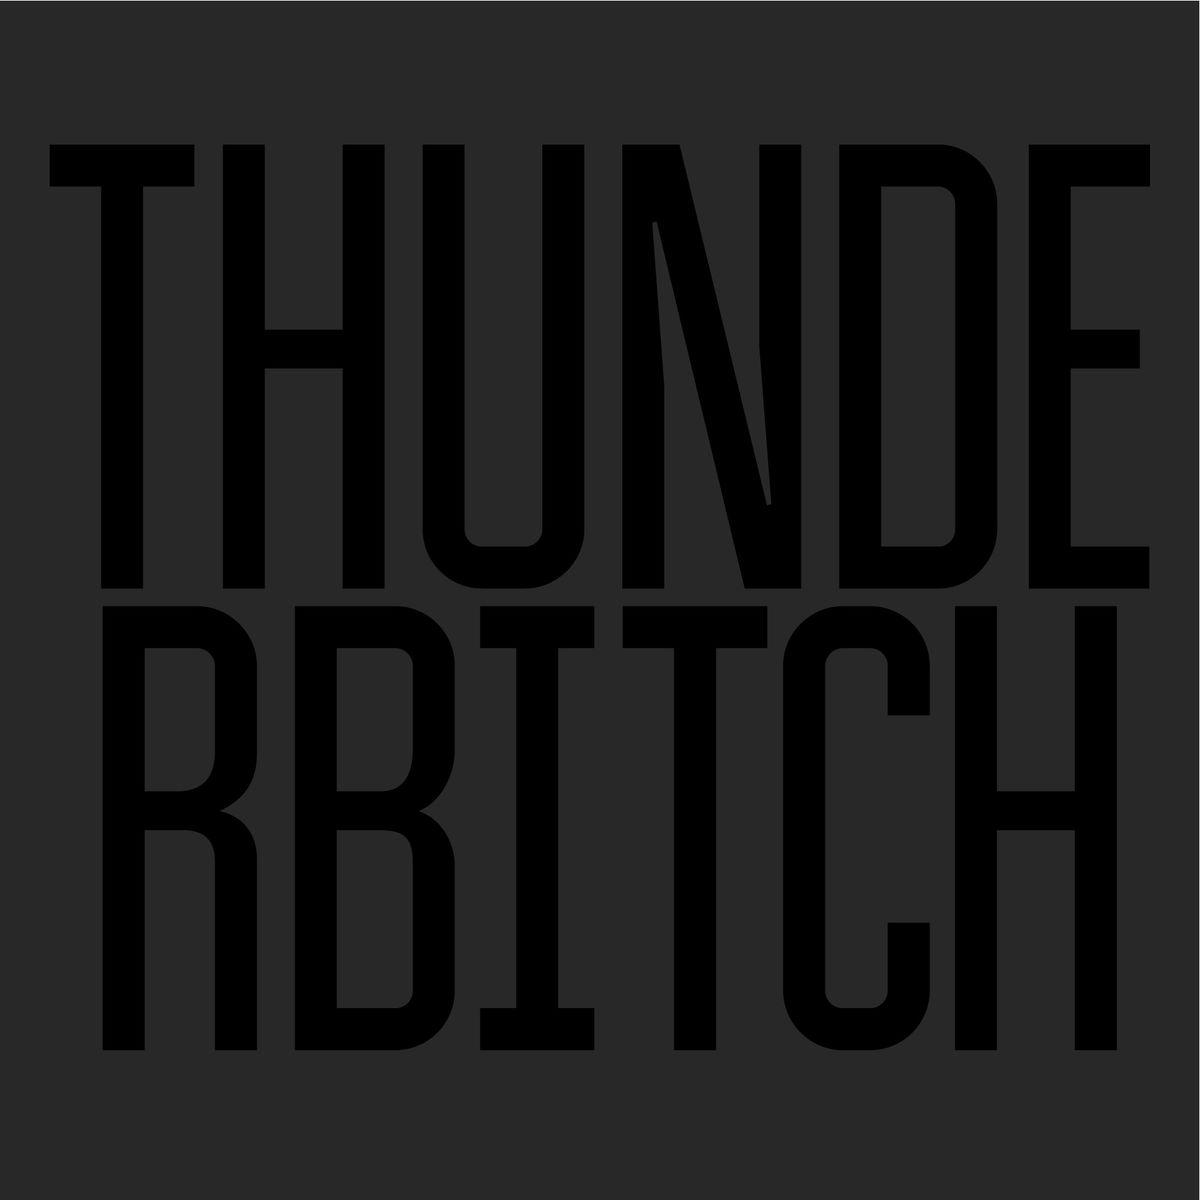 thunderbitch, alabama shakes, brittany howard, best of 2015